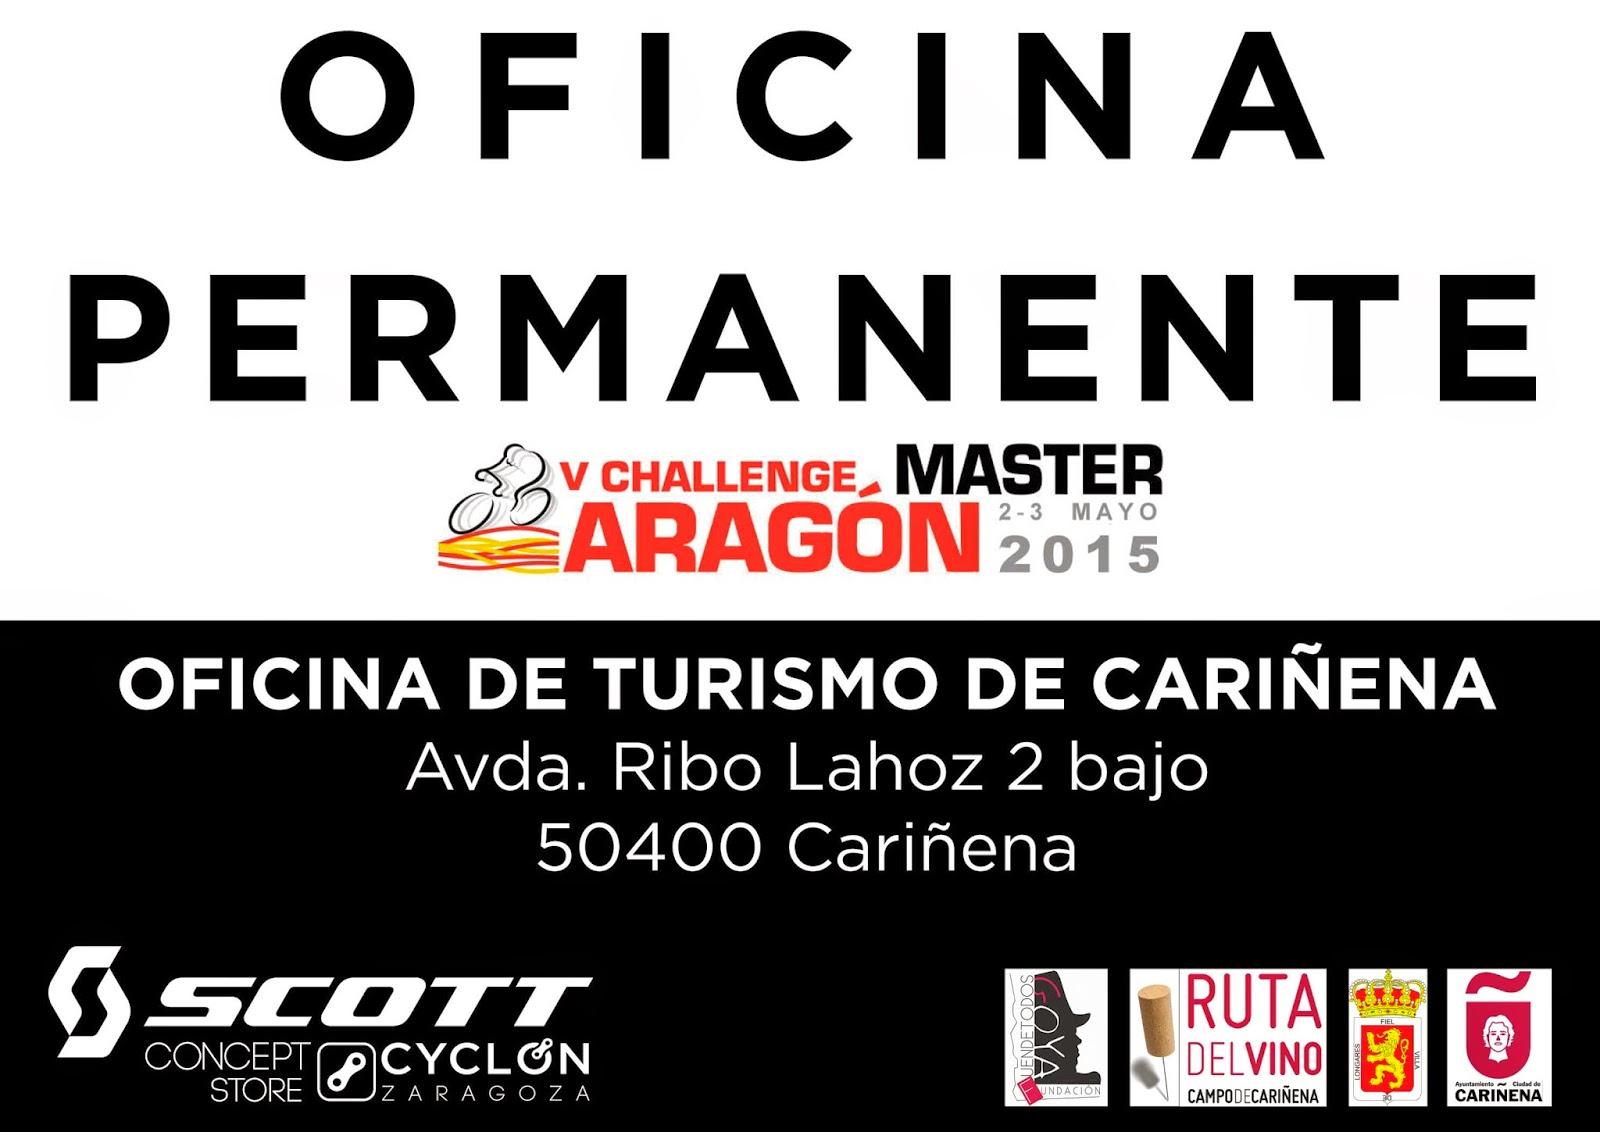 Challenge aragon master oficina permanente for Zaragoza oficina de turismo